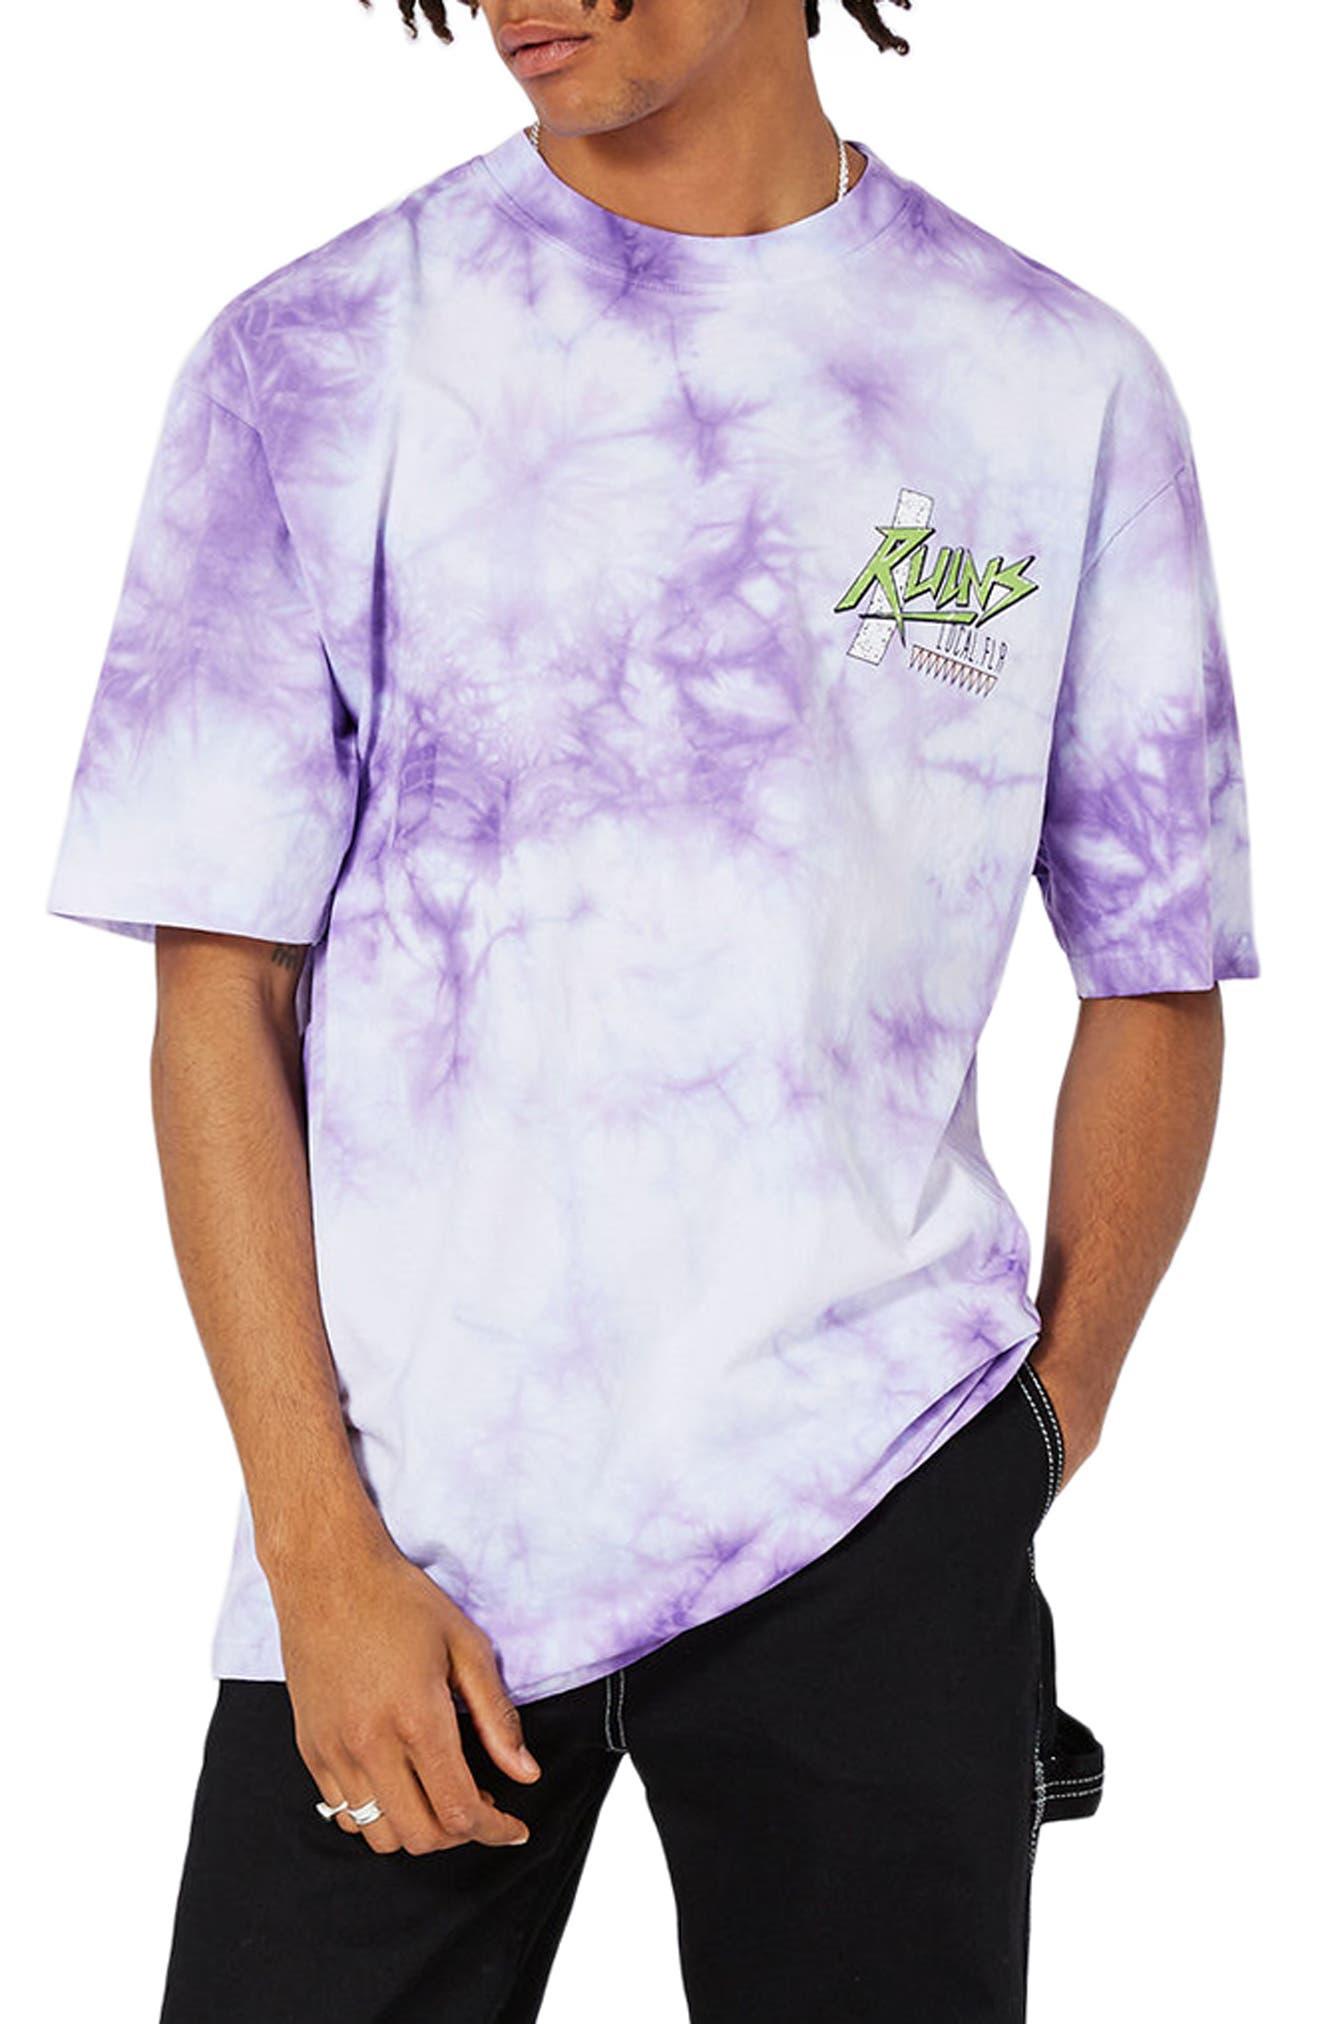 Topman Oversize Tie Dye Ruins Graphic T-Shirt